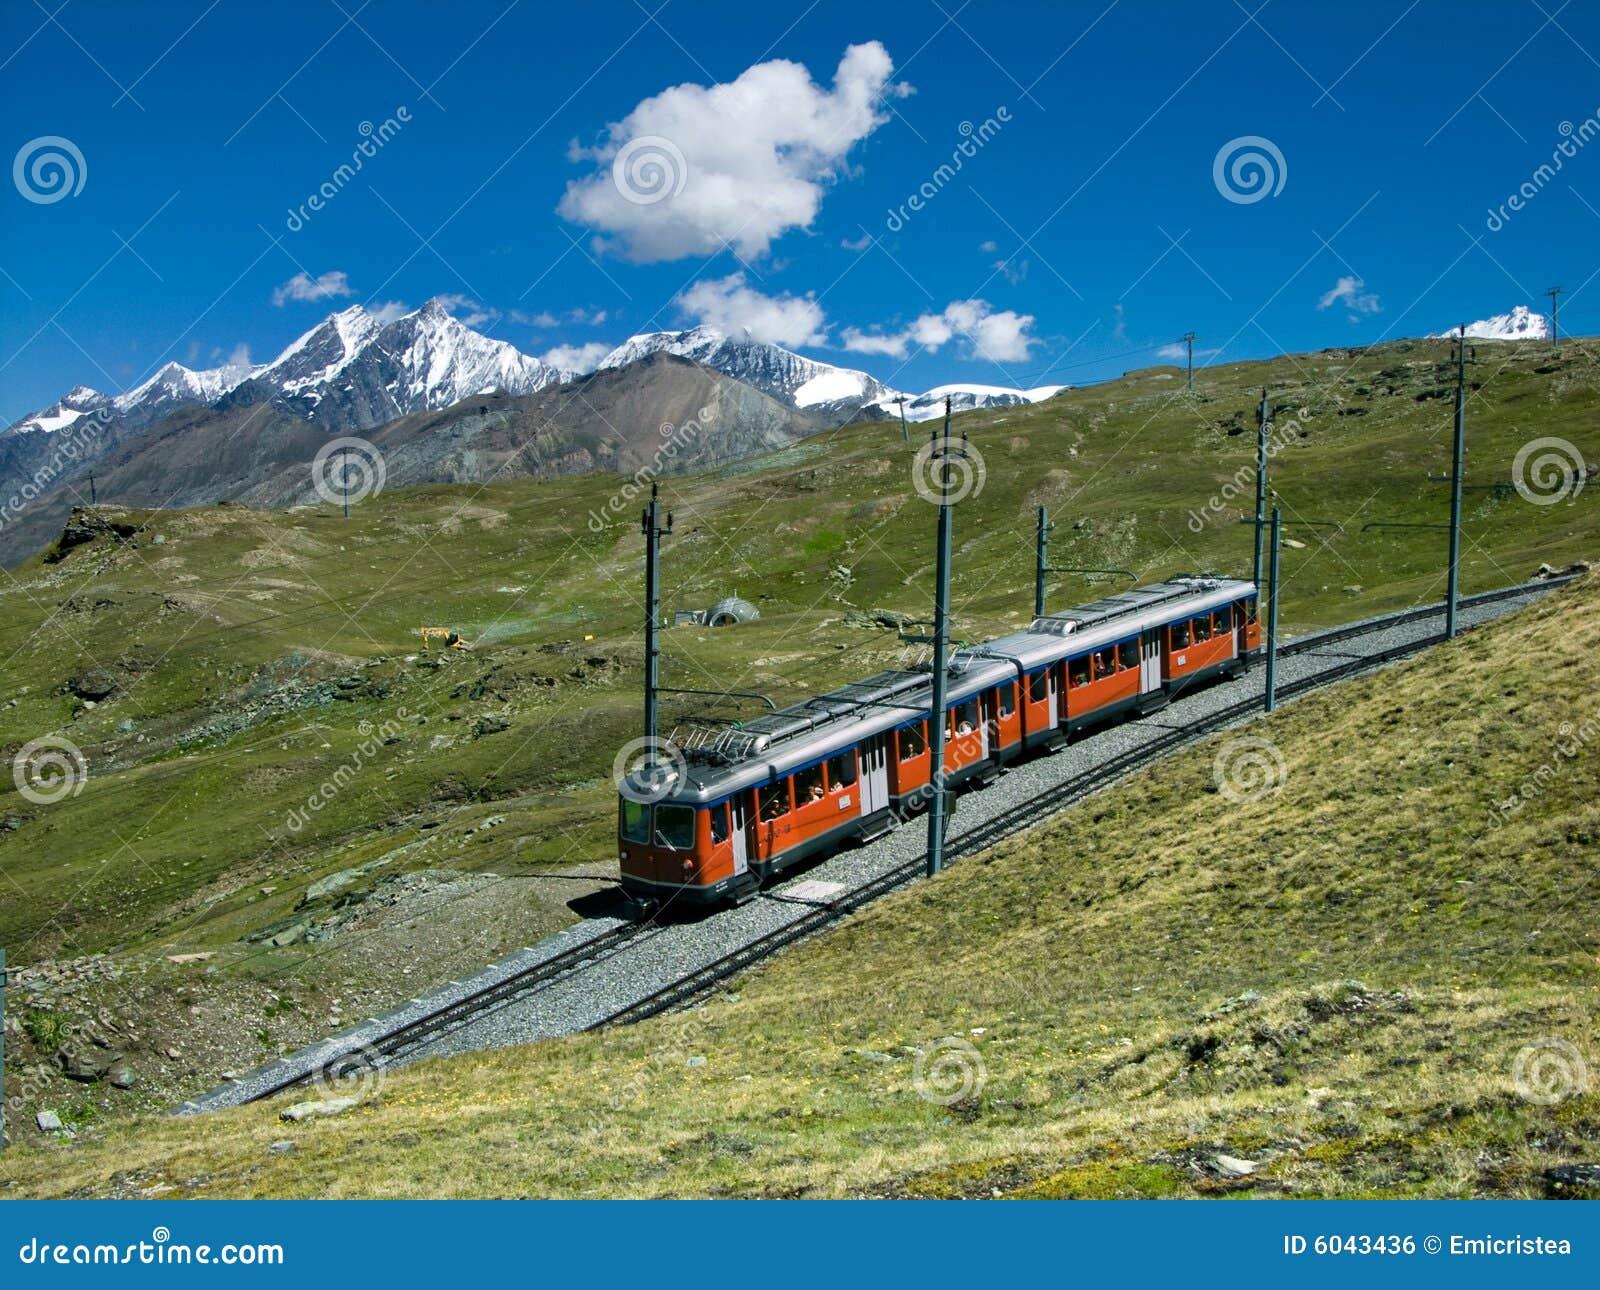 Gornergrat Train To Zermatt Stock Photo Image 6043436